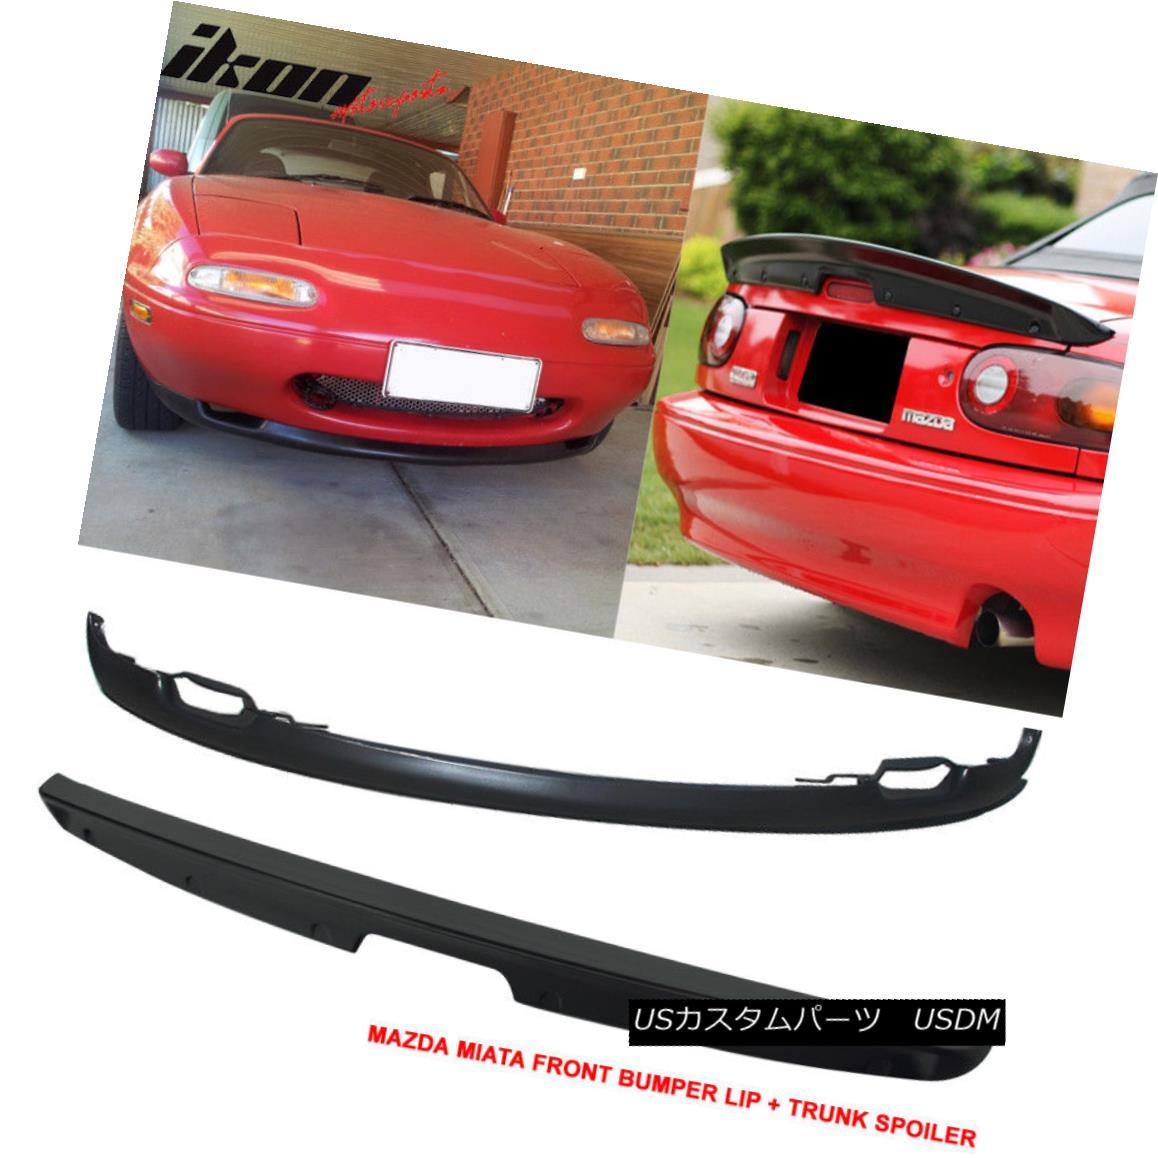 エアロパーツ 90-97 Mazda Miata MX5 RS Style Front Bumper Lip PU + KG Style Trunk Spoiler ABS 90-97マツダMiata MX5 RSスタイルフロントバンパーリップPU + KGスタイルのトランクスポイラーABS